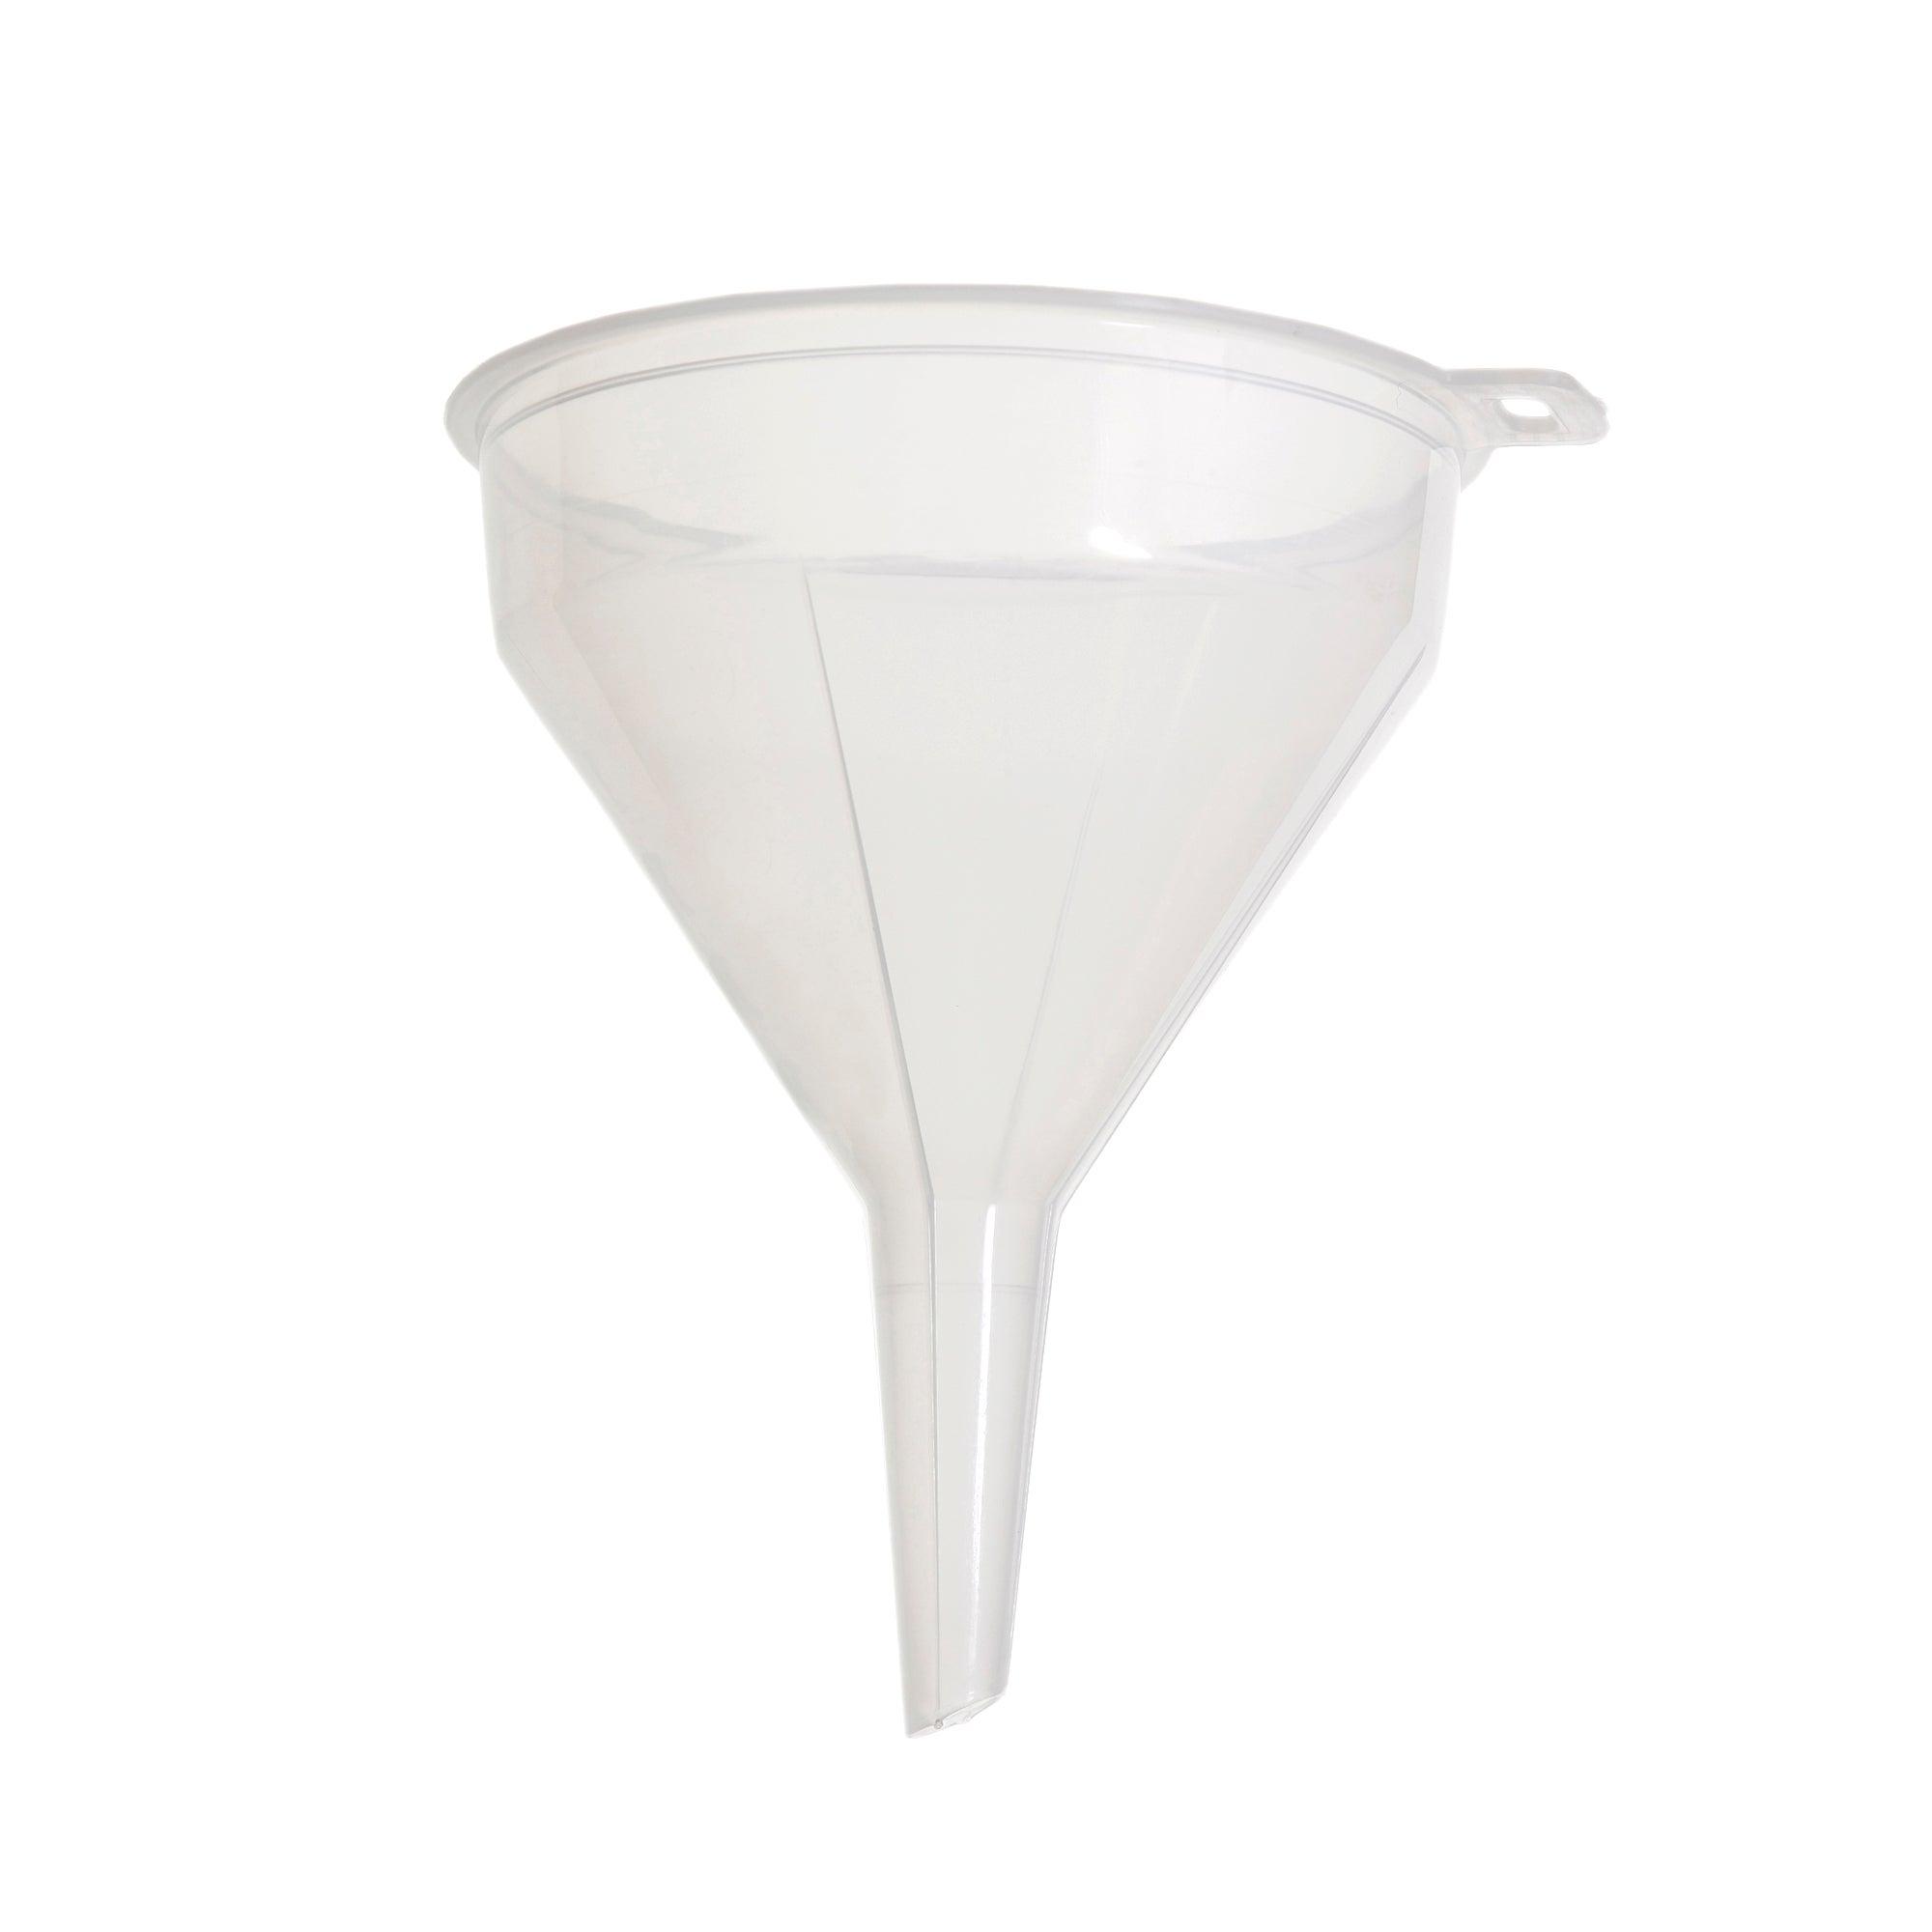 Tala Plastic Funnel